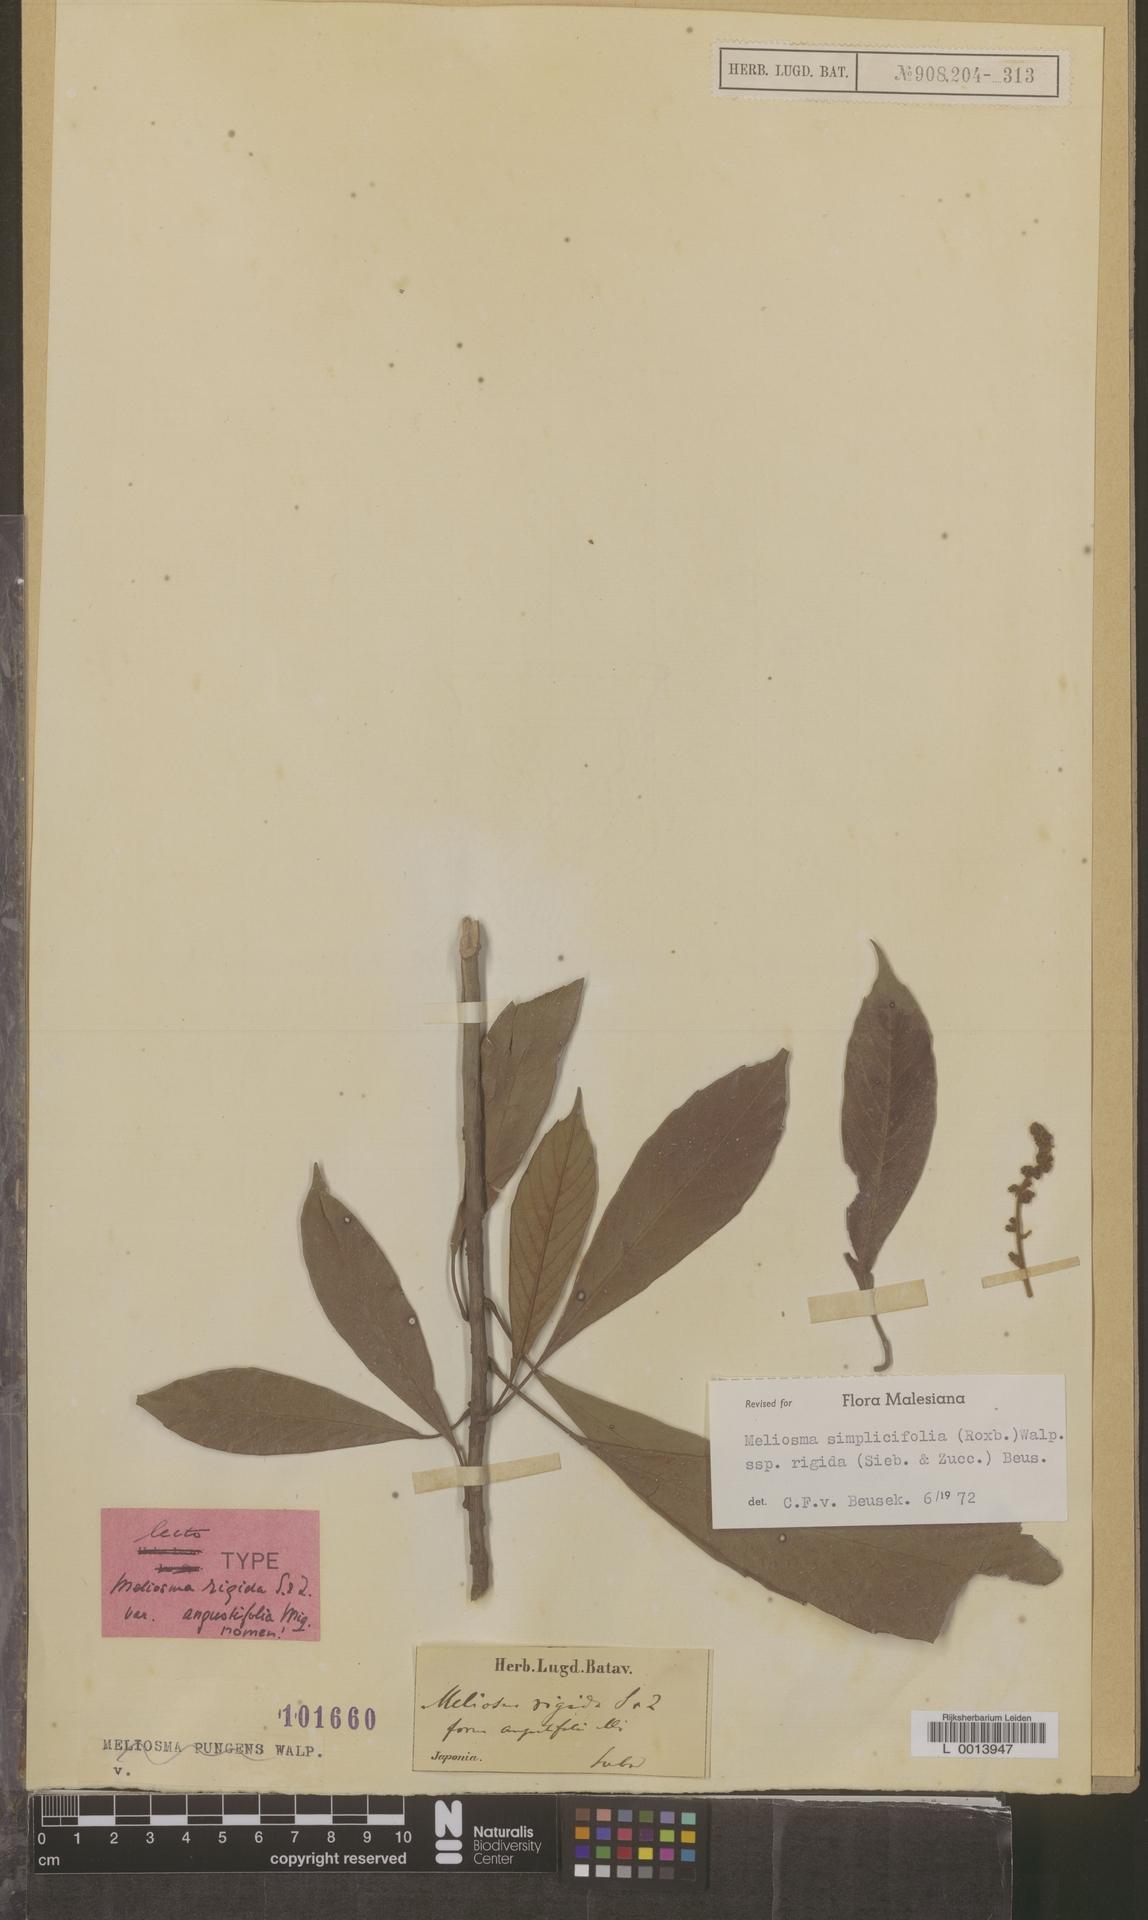 L  0013947 | Meliosma simplicifolia subsp. rigida (Siebold & Zucc.) Beusekom